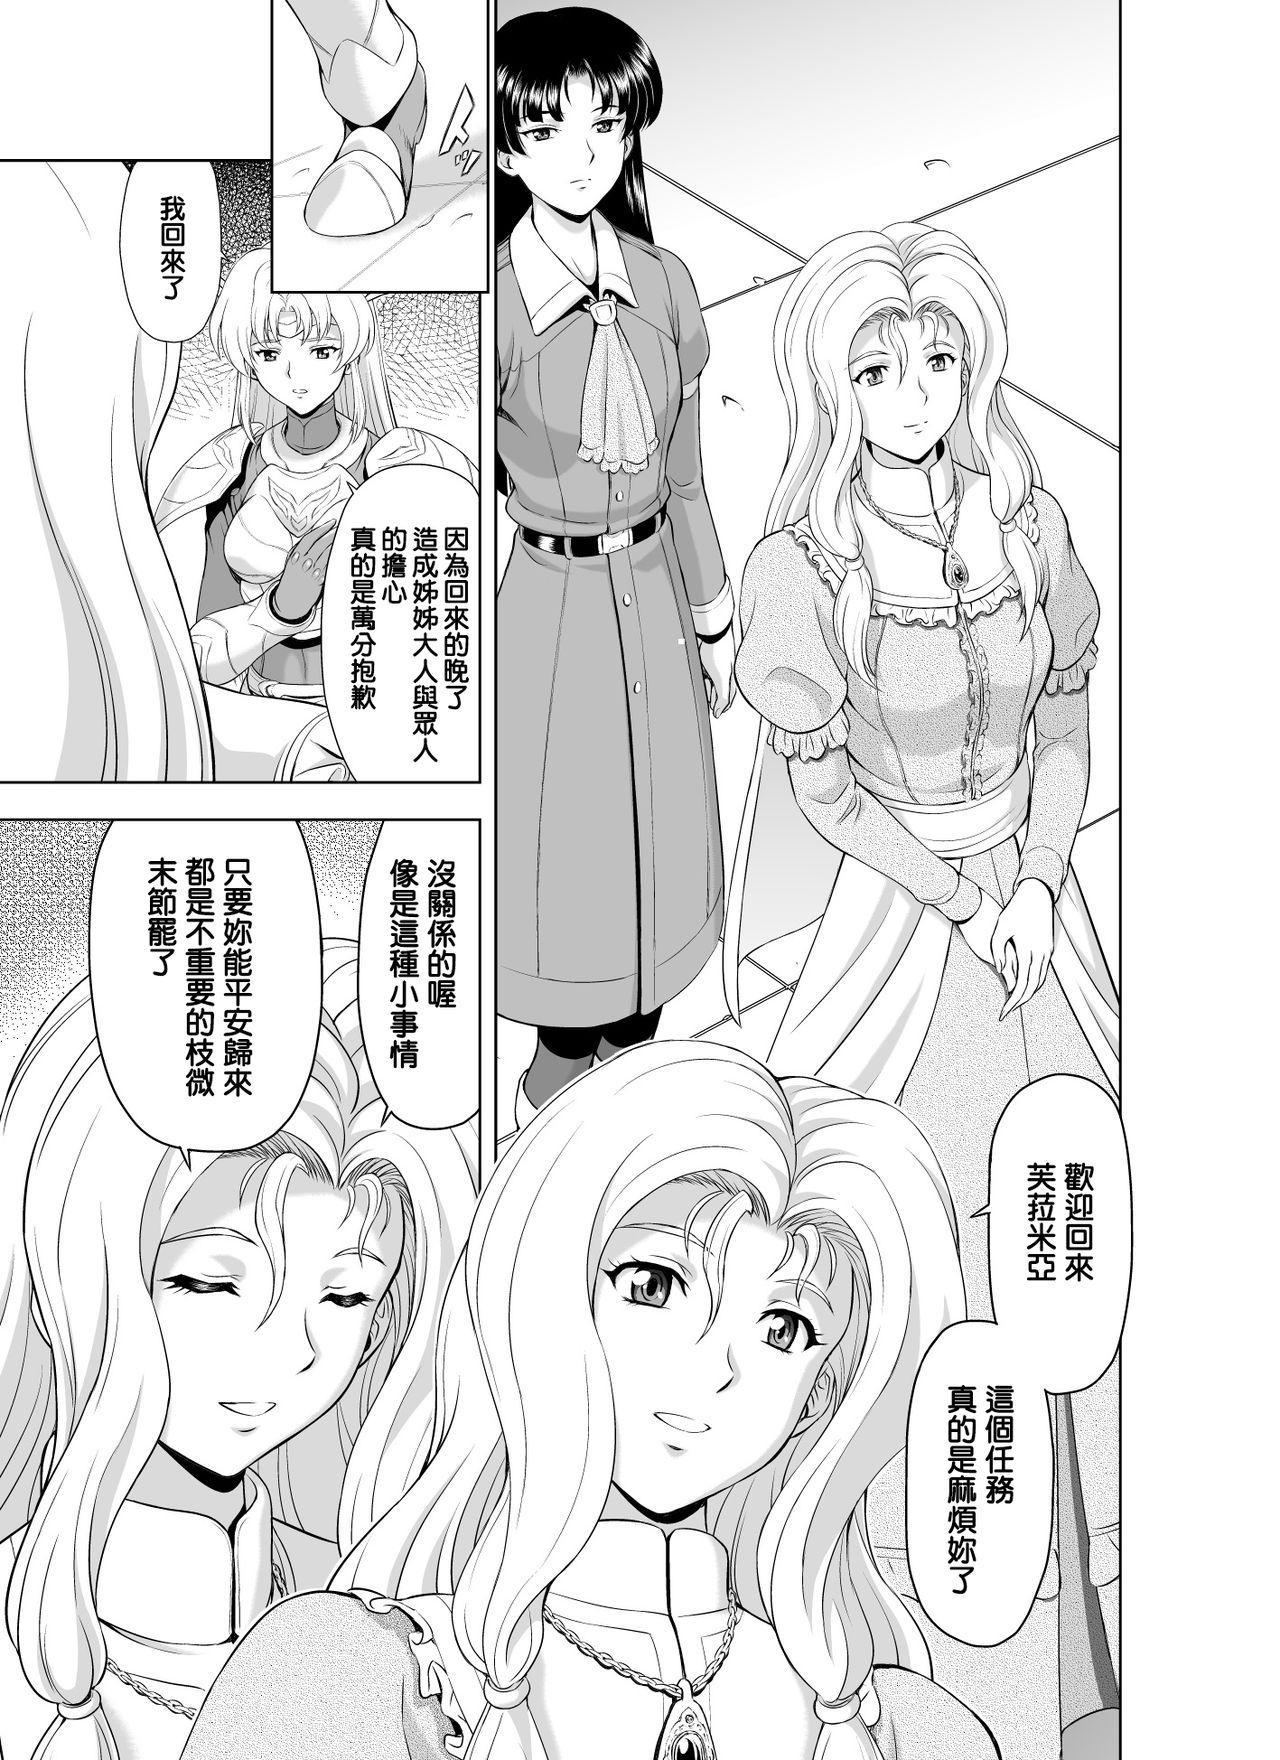 Reties no Michibiki Vol. 2 | 蕾蒂絲的引導 Vol. 2 3